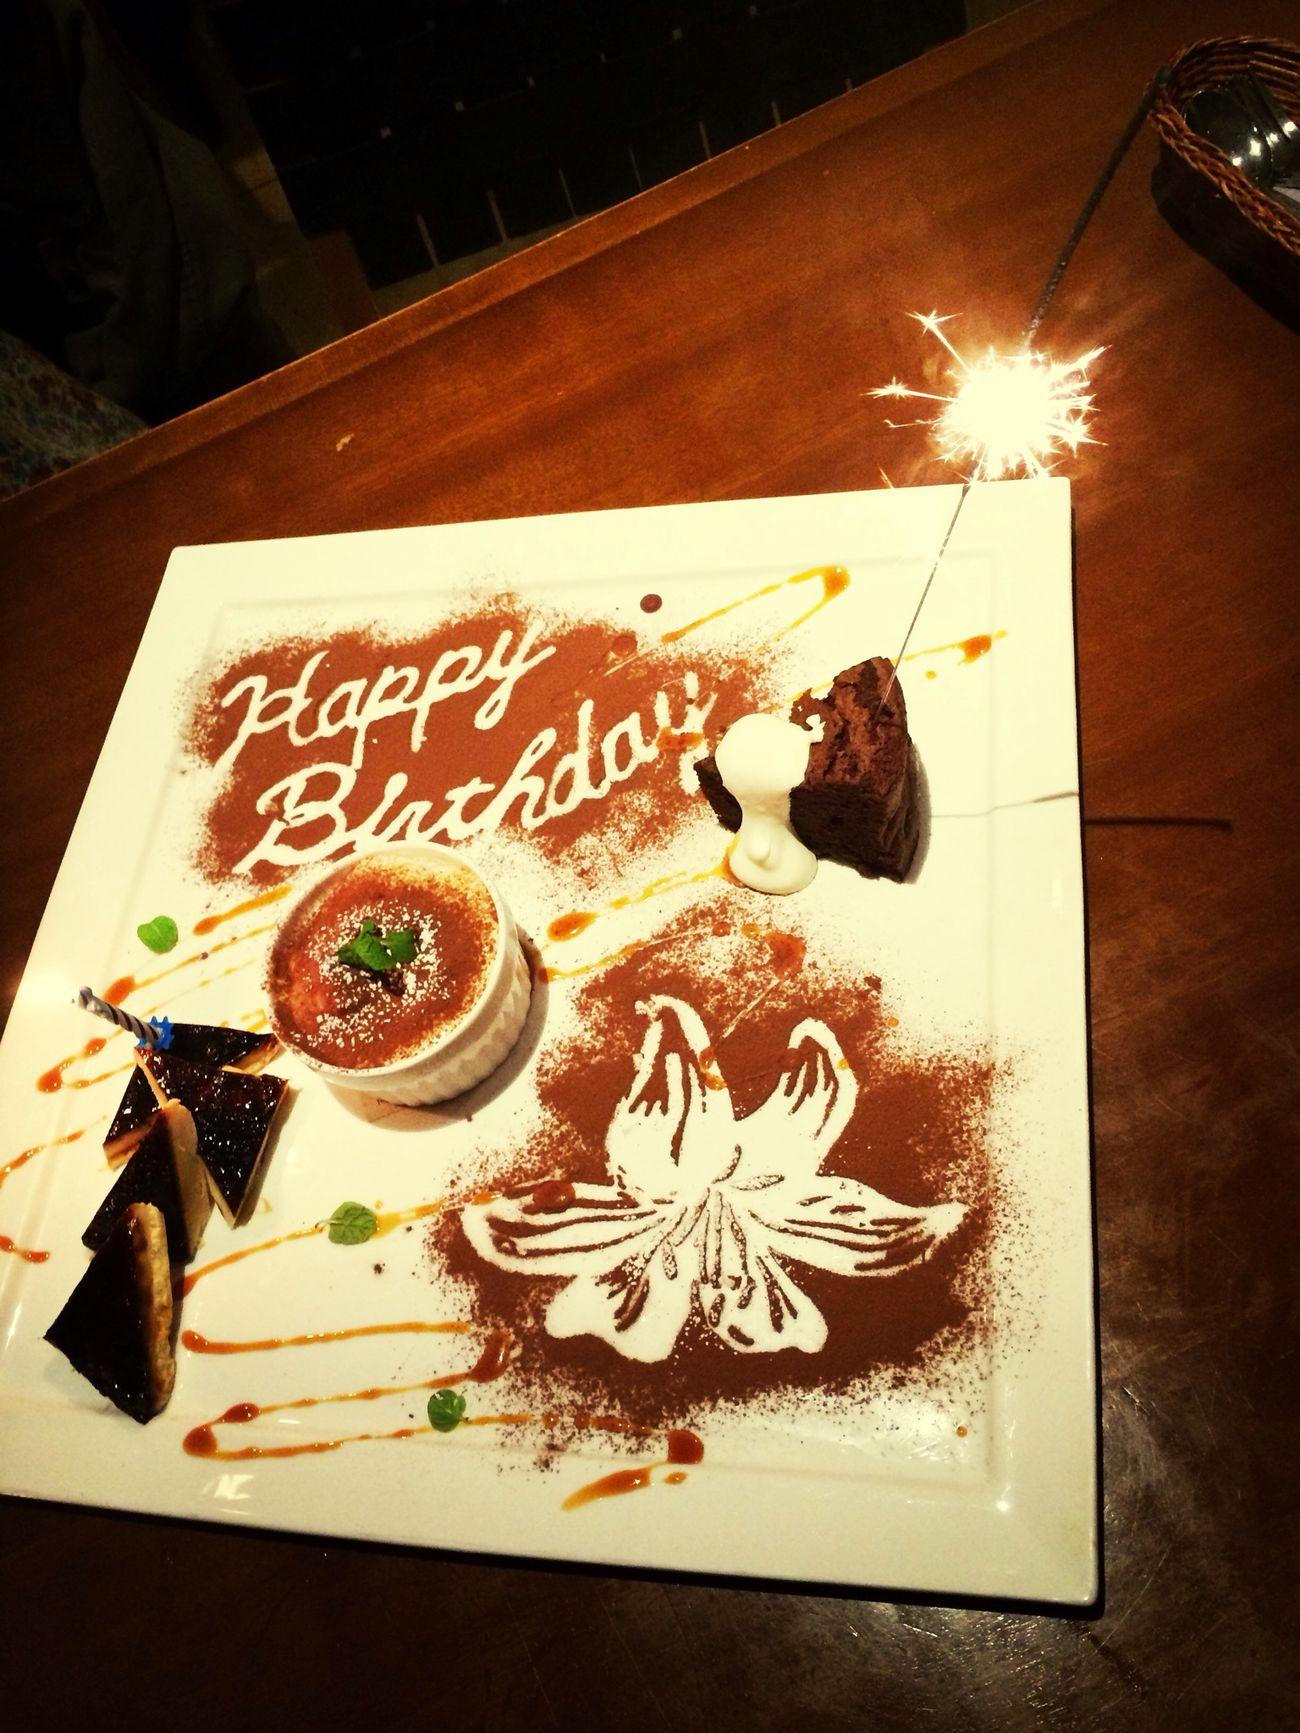 昨日は、??歳のバースデーでした〜(^^)また、一つ大人になってしまった〜(*- 艸・*)そろそろ嬉しくない、年頃(笑)ƪ(Ơ̴̴̴̴̴̴͡.̮Ơ̴̴͡)ʃ サプライズ バースデー 誕生日